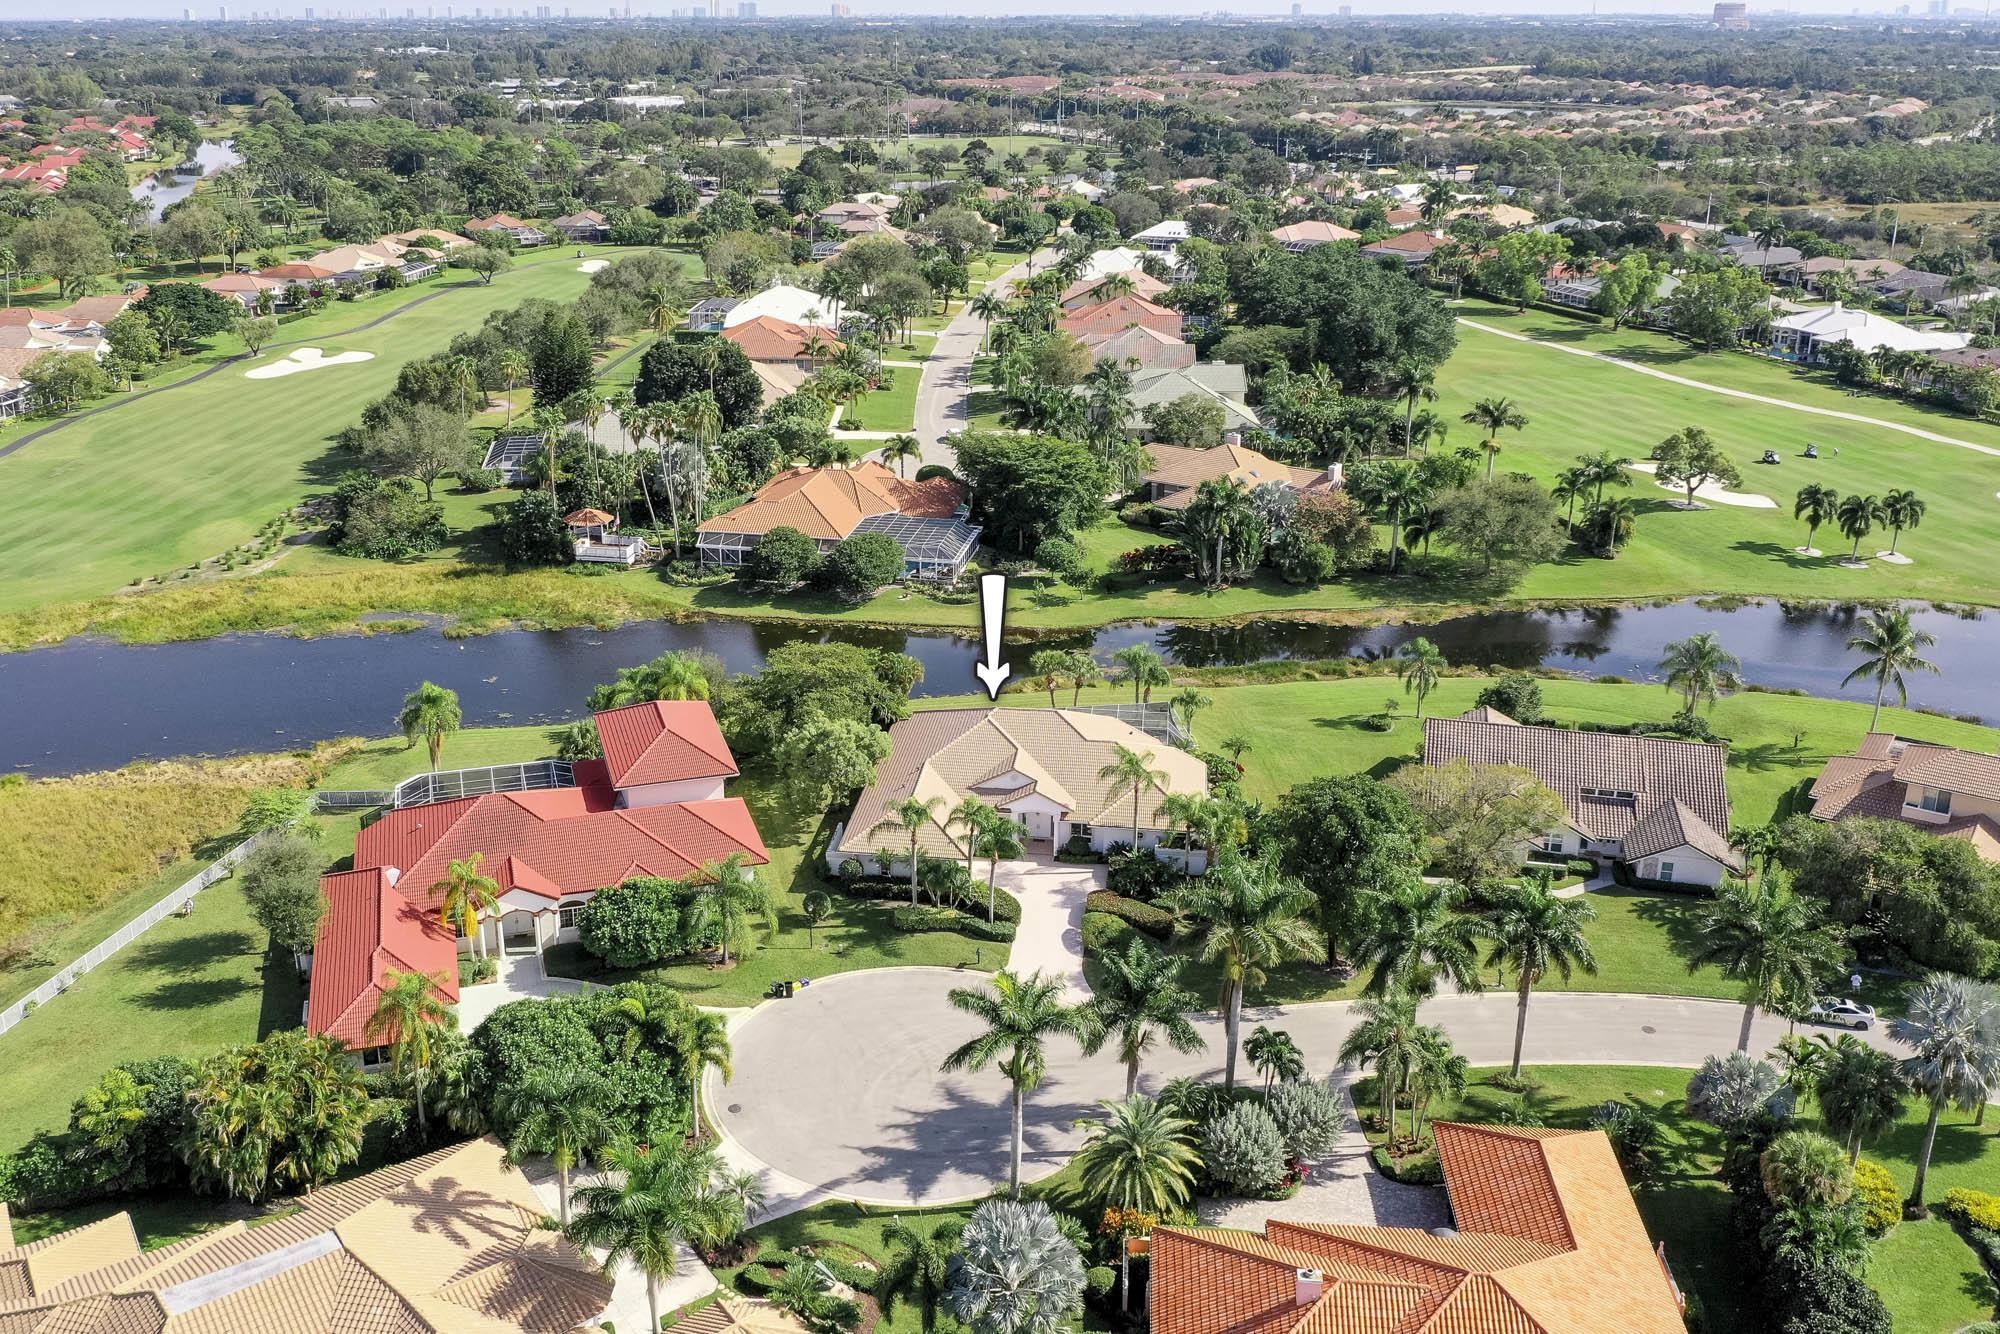 Photo - 110 Sandbourne Lane, Palm Beach Gardens FL 33418